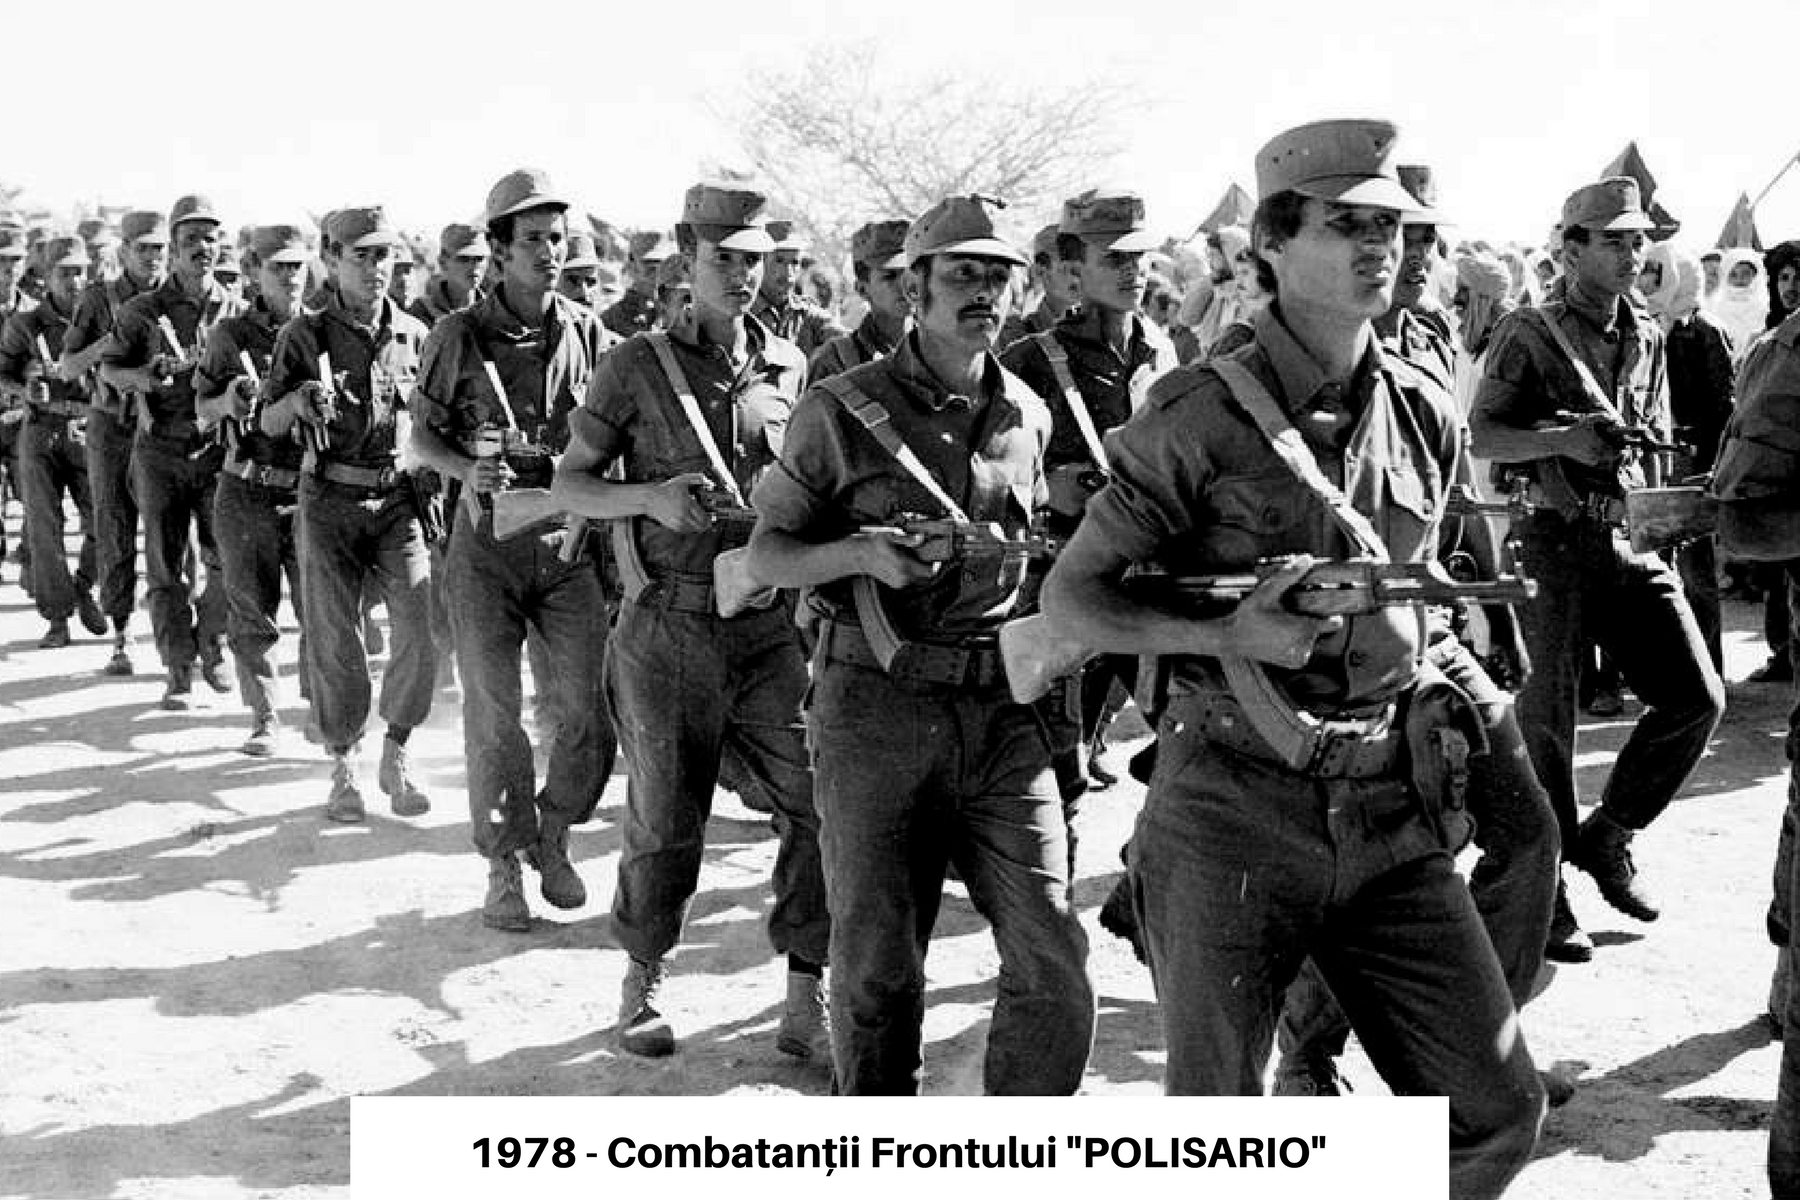 1978 - Combatantii Frontului POLISARIO